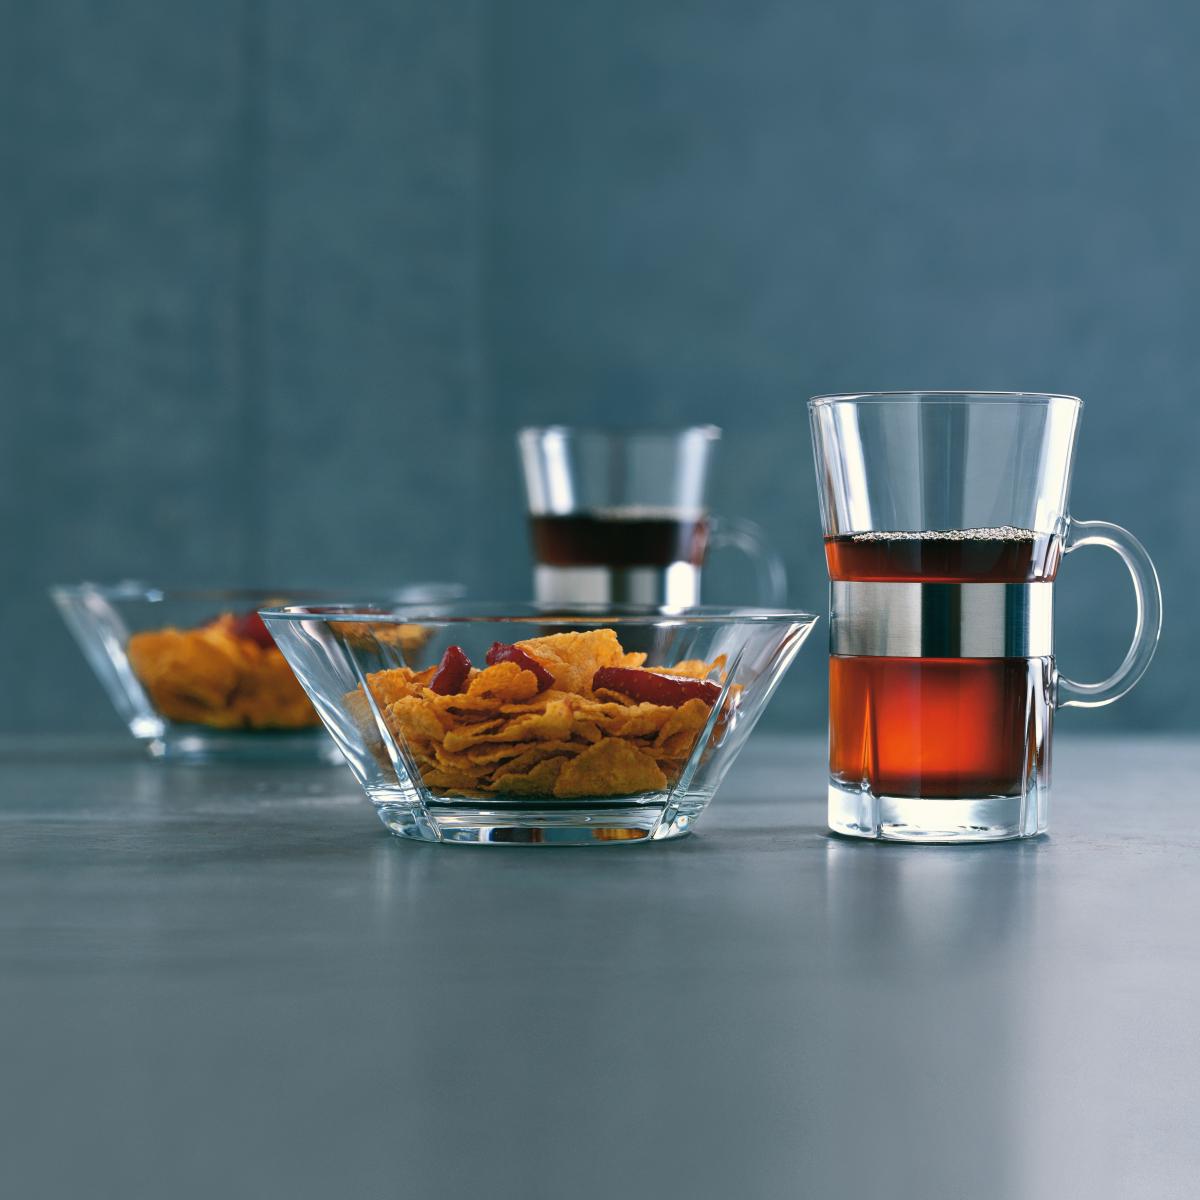 Tazas y vasos para vino caliente - costumbres navideñas nórdicas